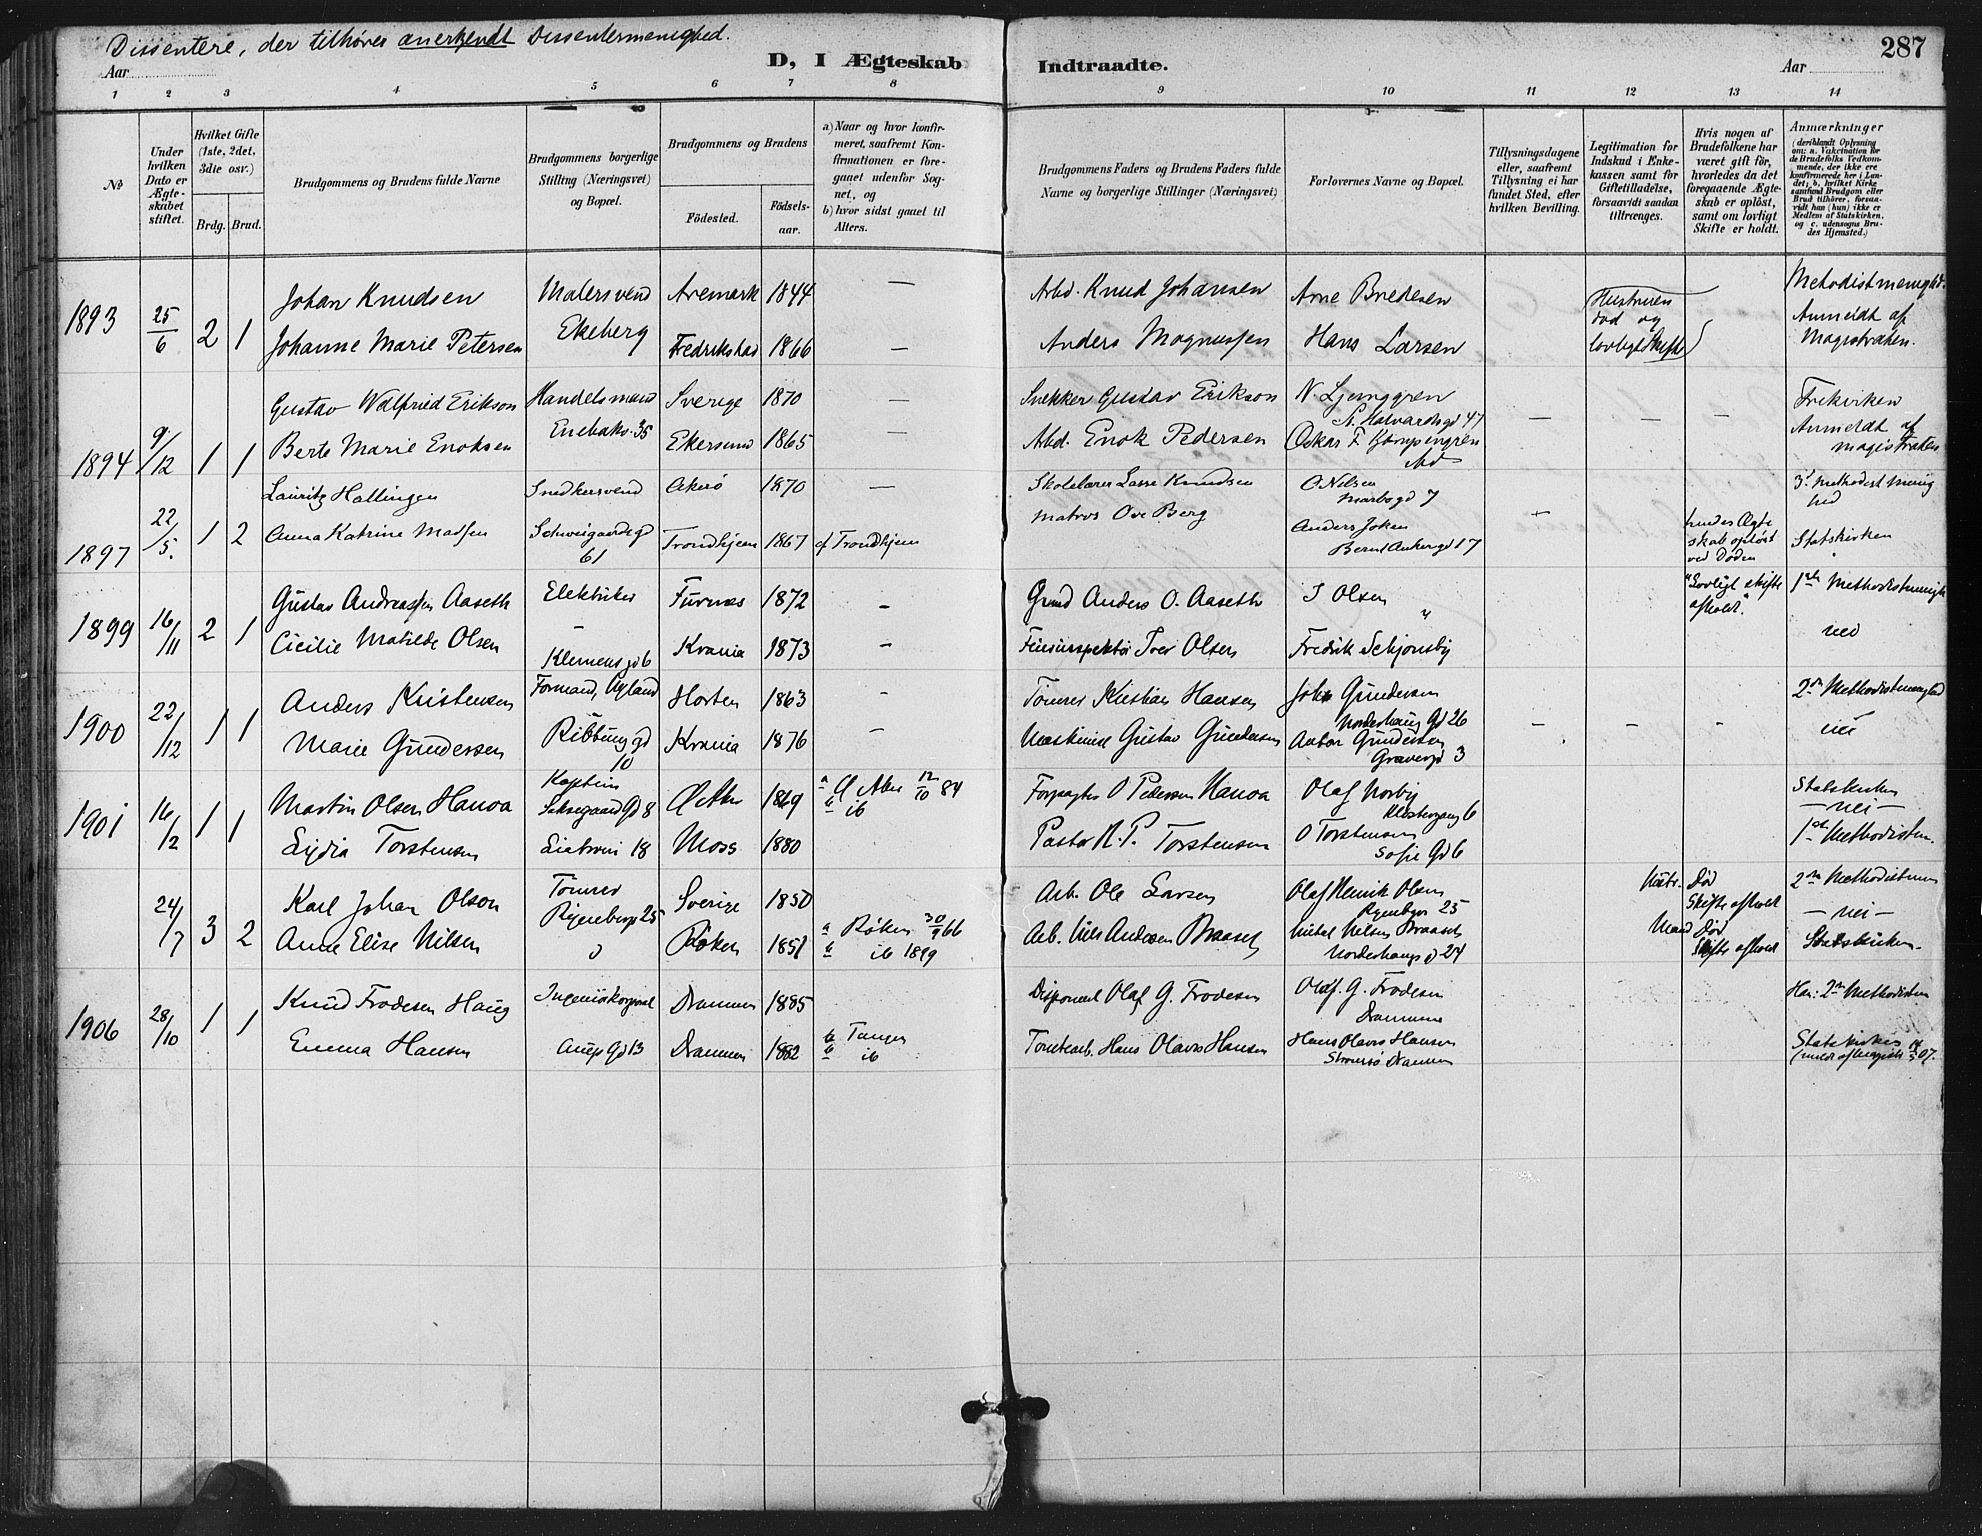 SAO, Gamlebyen prestekontor Kirkebøker, F/Fa/L0008: Ministerialbok nr. 8, 1891-1908, s. 287